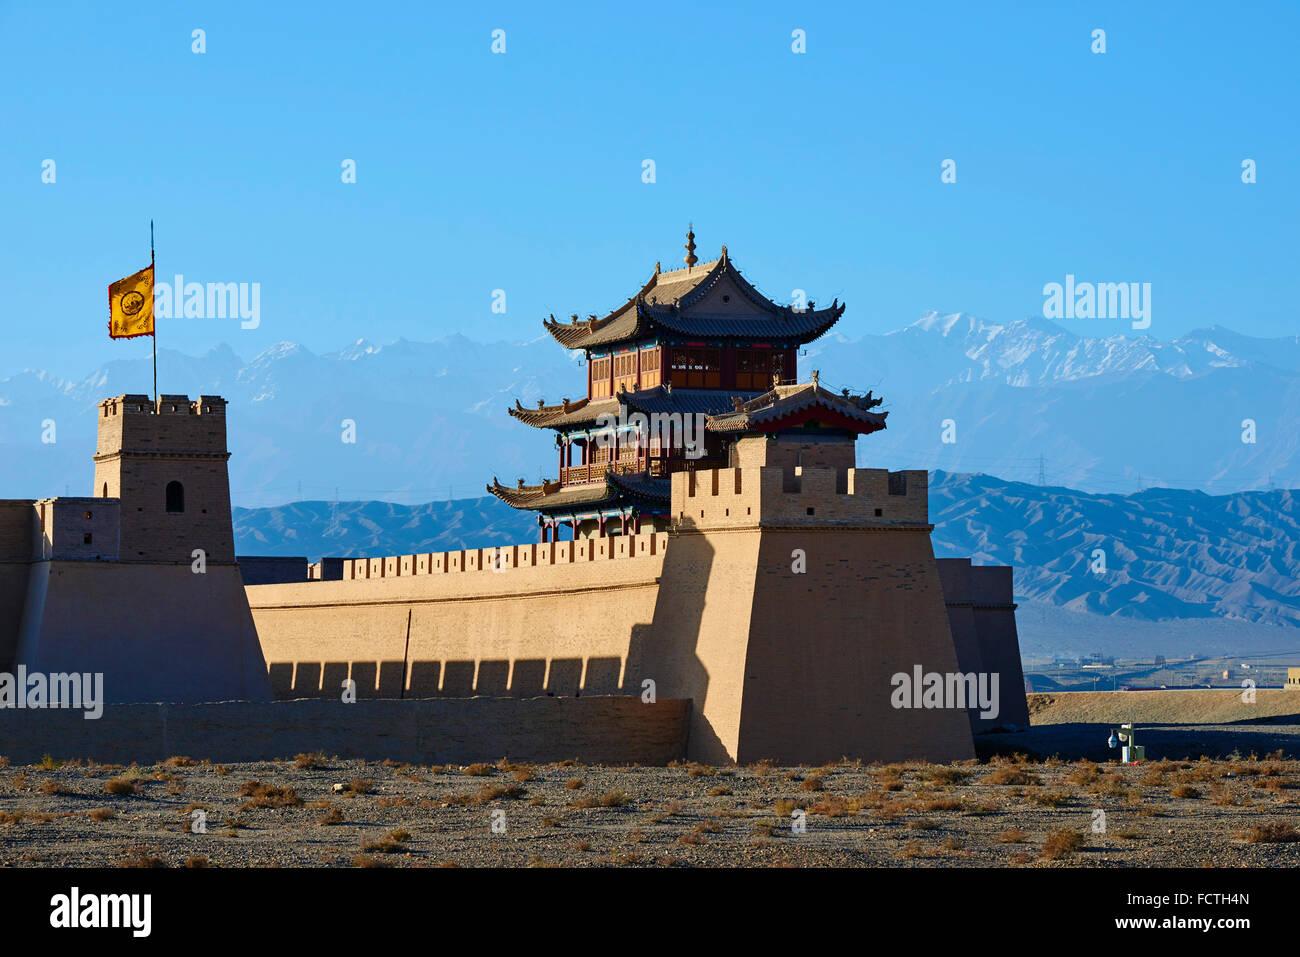 China, Provinz Gansu, Jiayuguan, die Festung am Westende der großen Mauer, UNESCO-Welterbe Stockbild